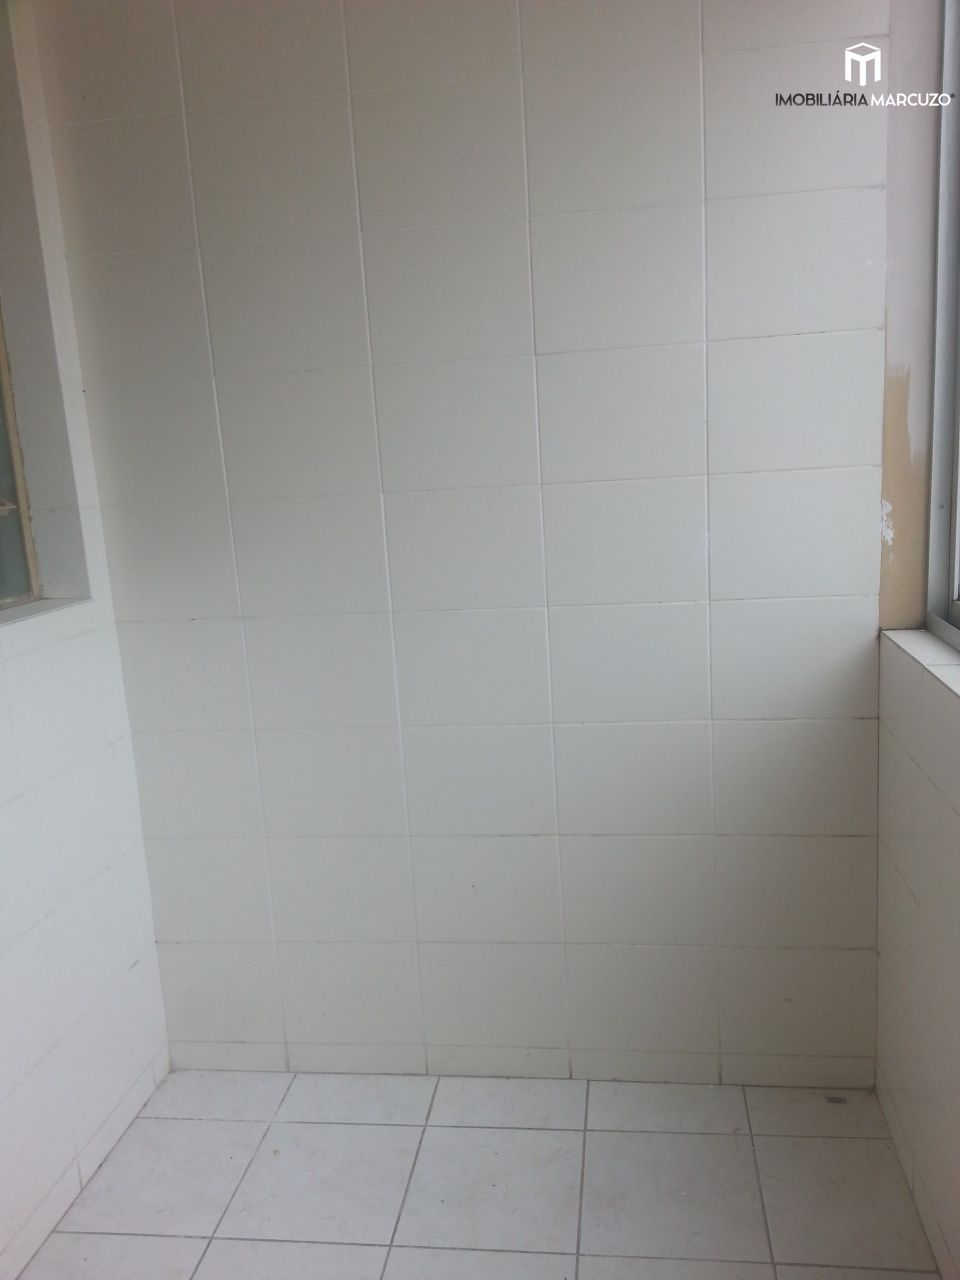 Cobertura com 3 Dormitórios à venda, 181 m² por R$ 430.000,00